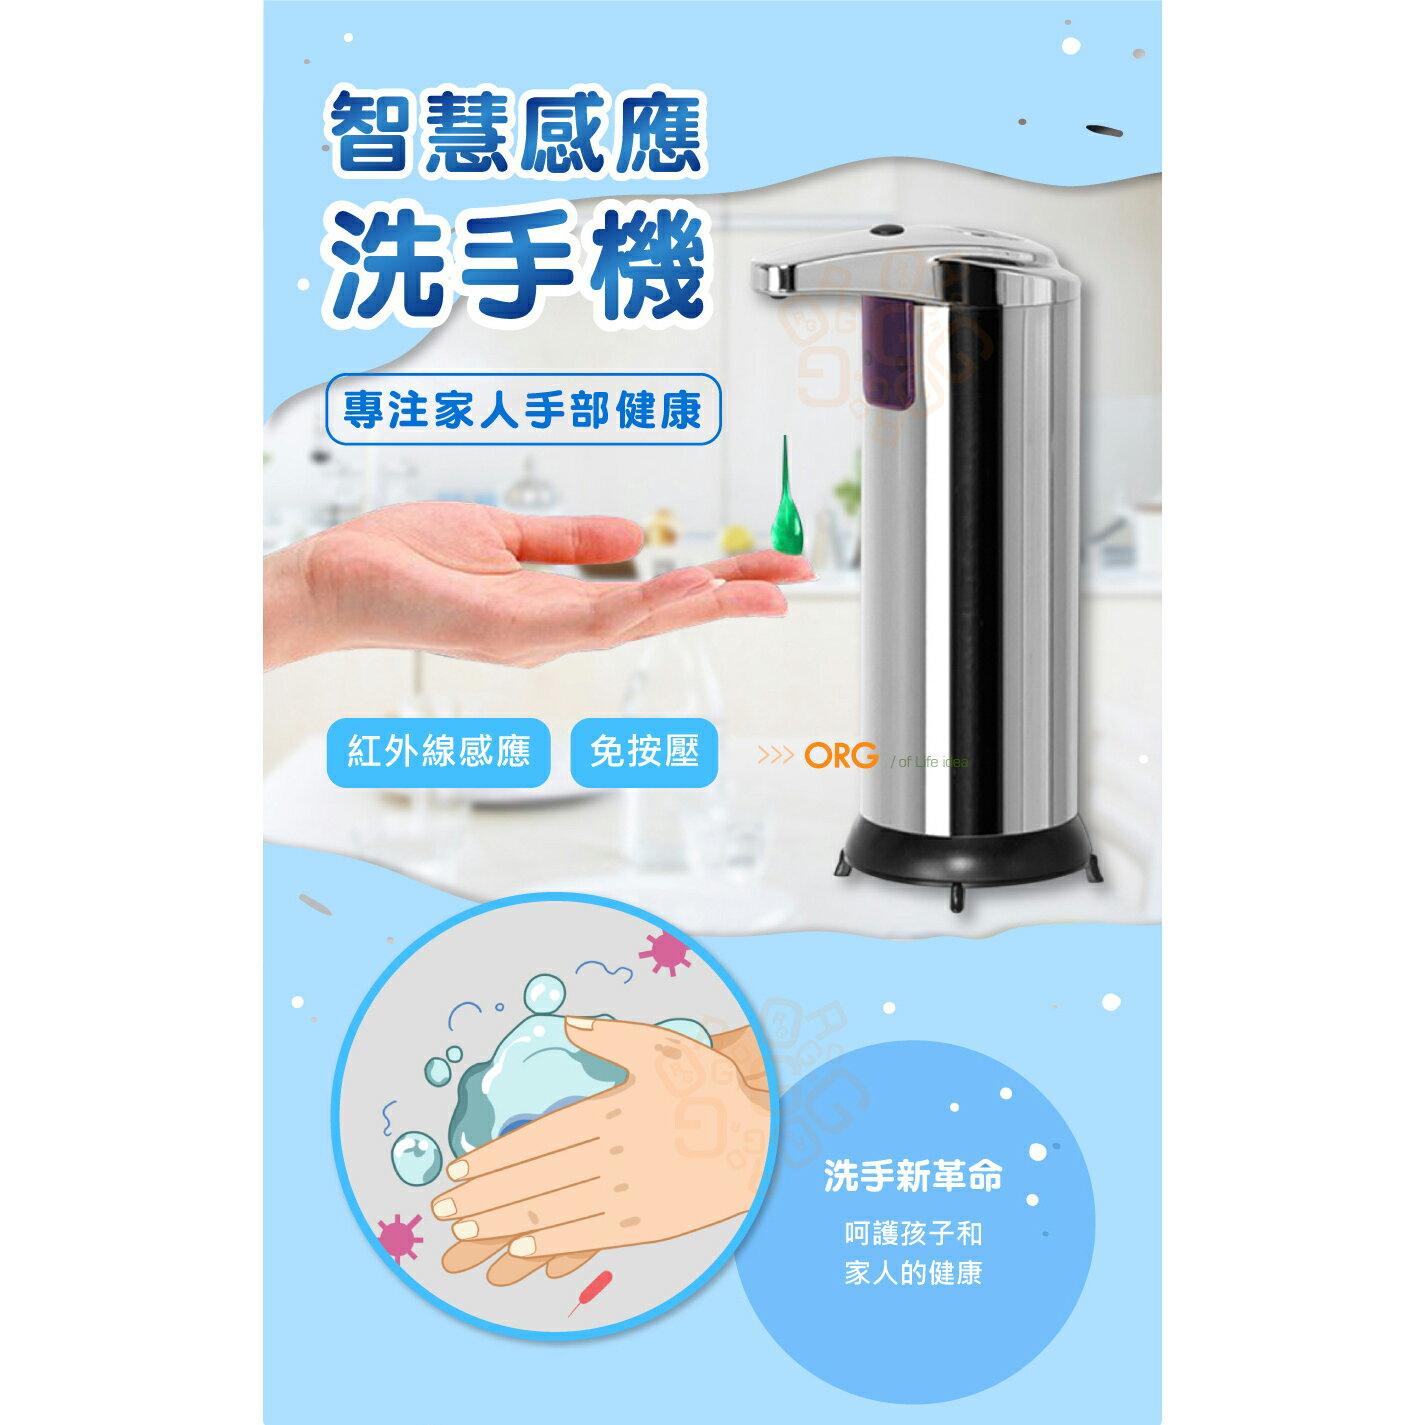 ORG《SD2445》感應免按壓~免碰觸 幕斯 慕絲 泡沫 給皂機 洗手乳 給皂器 給皂瓶 給皂盒 洗手乳機 洗手液